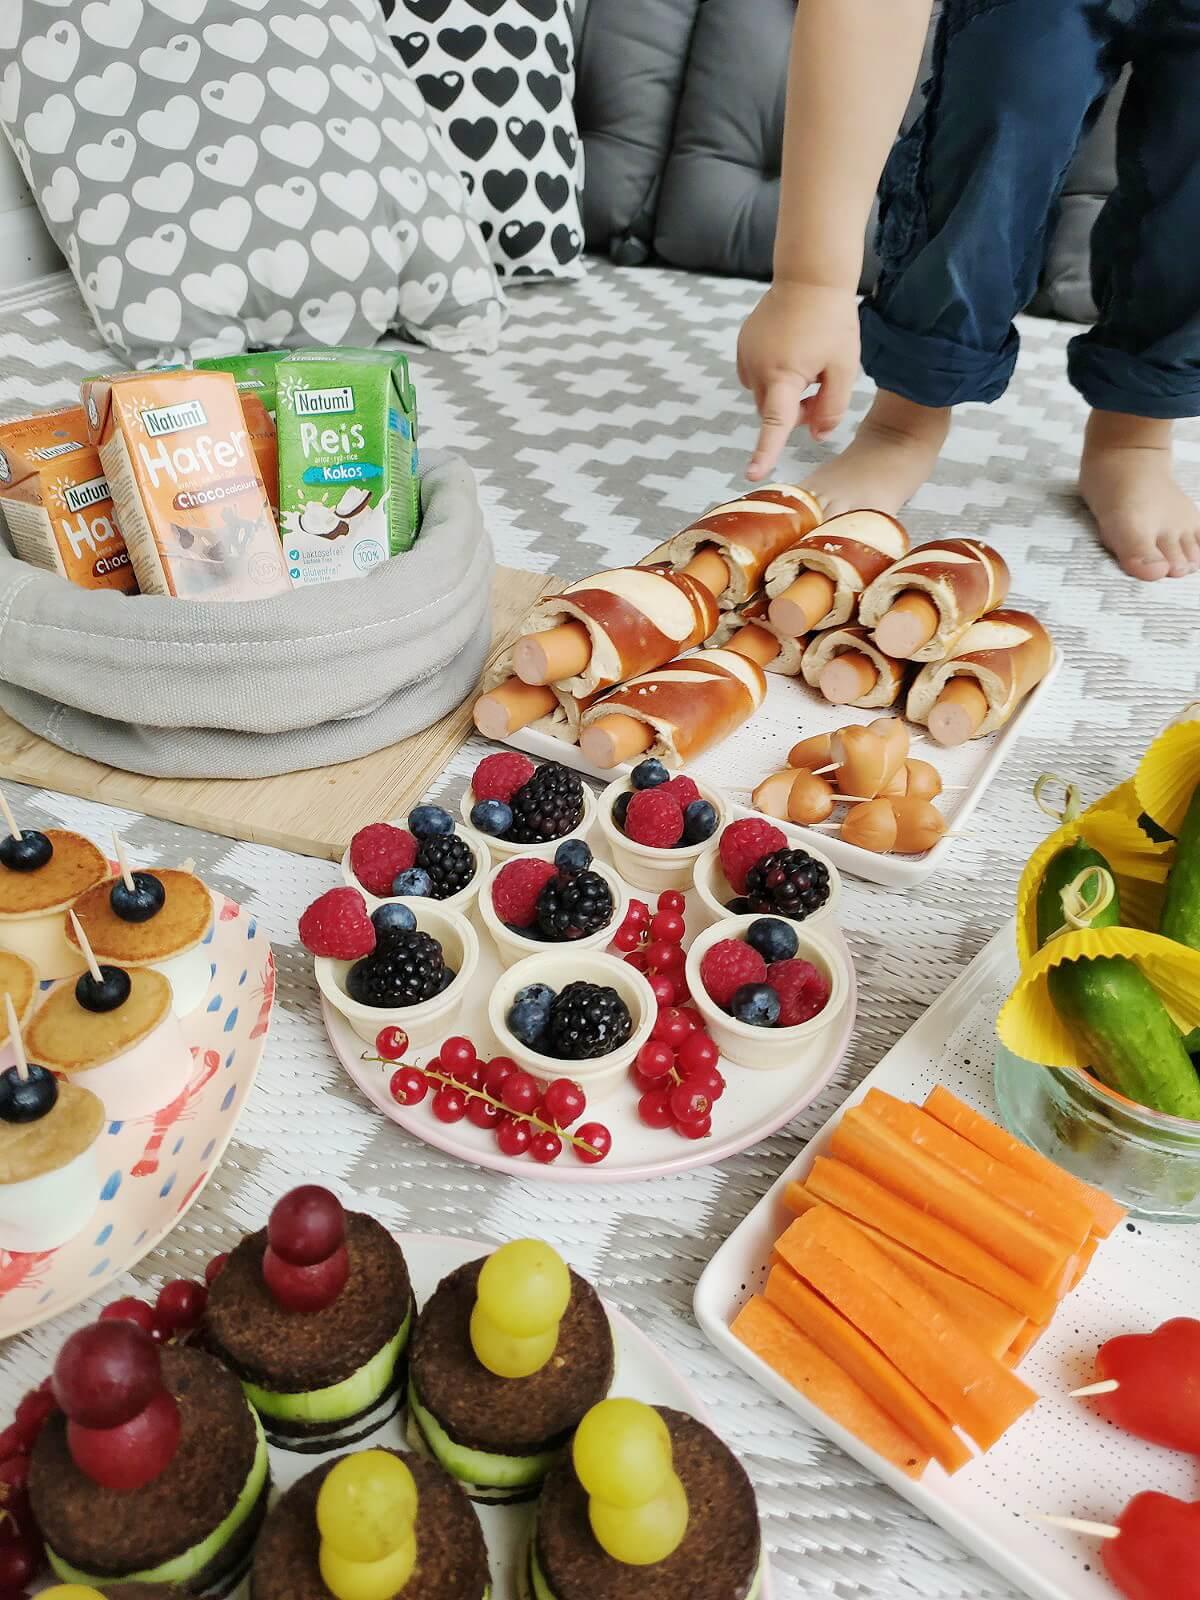 Unsere Zuhause-Picknick-Party und 10 schnelle Rezept Ideen